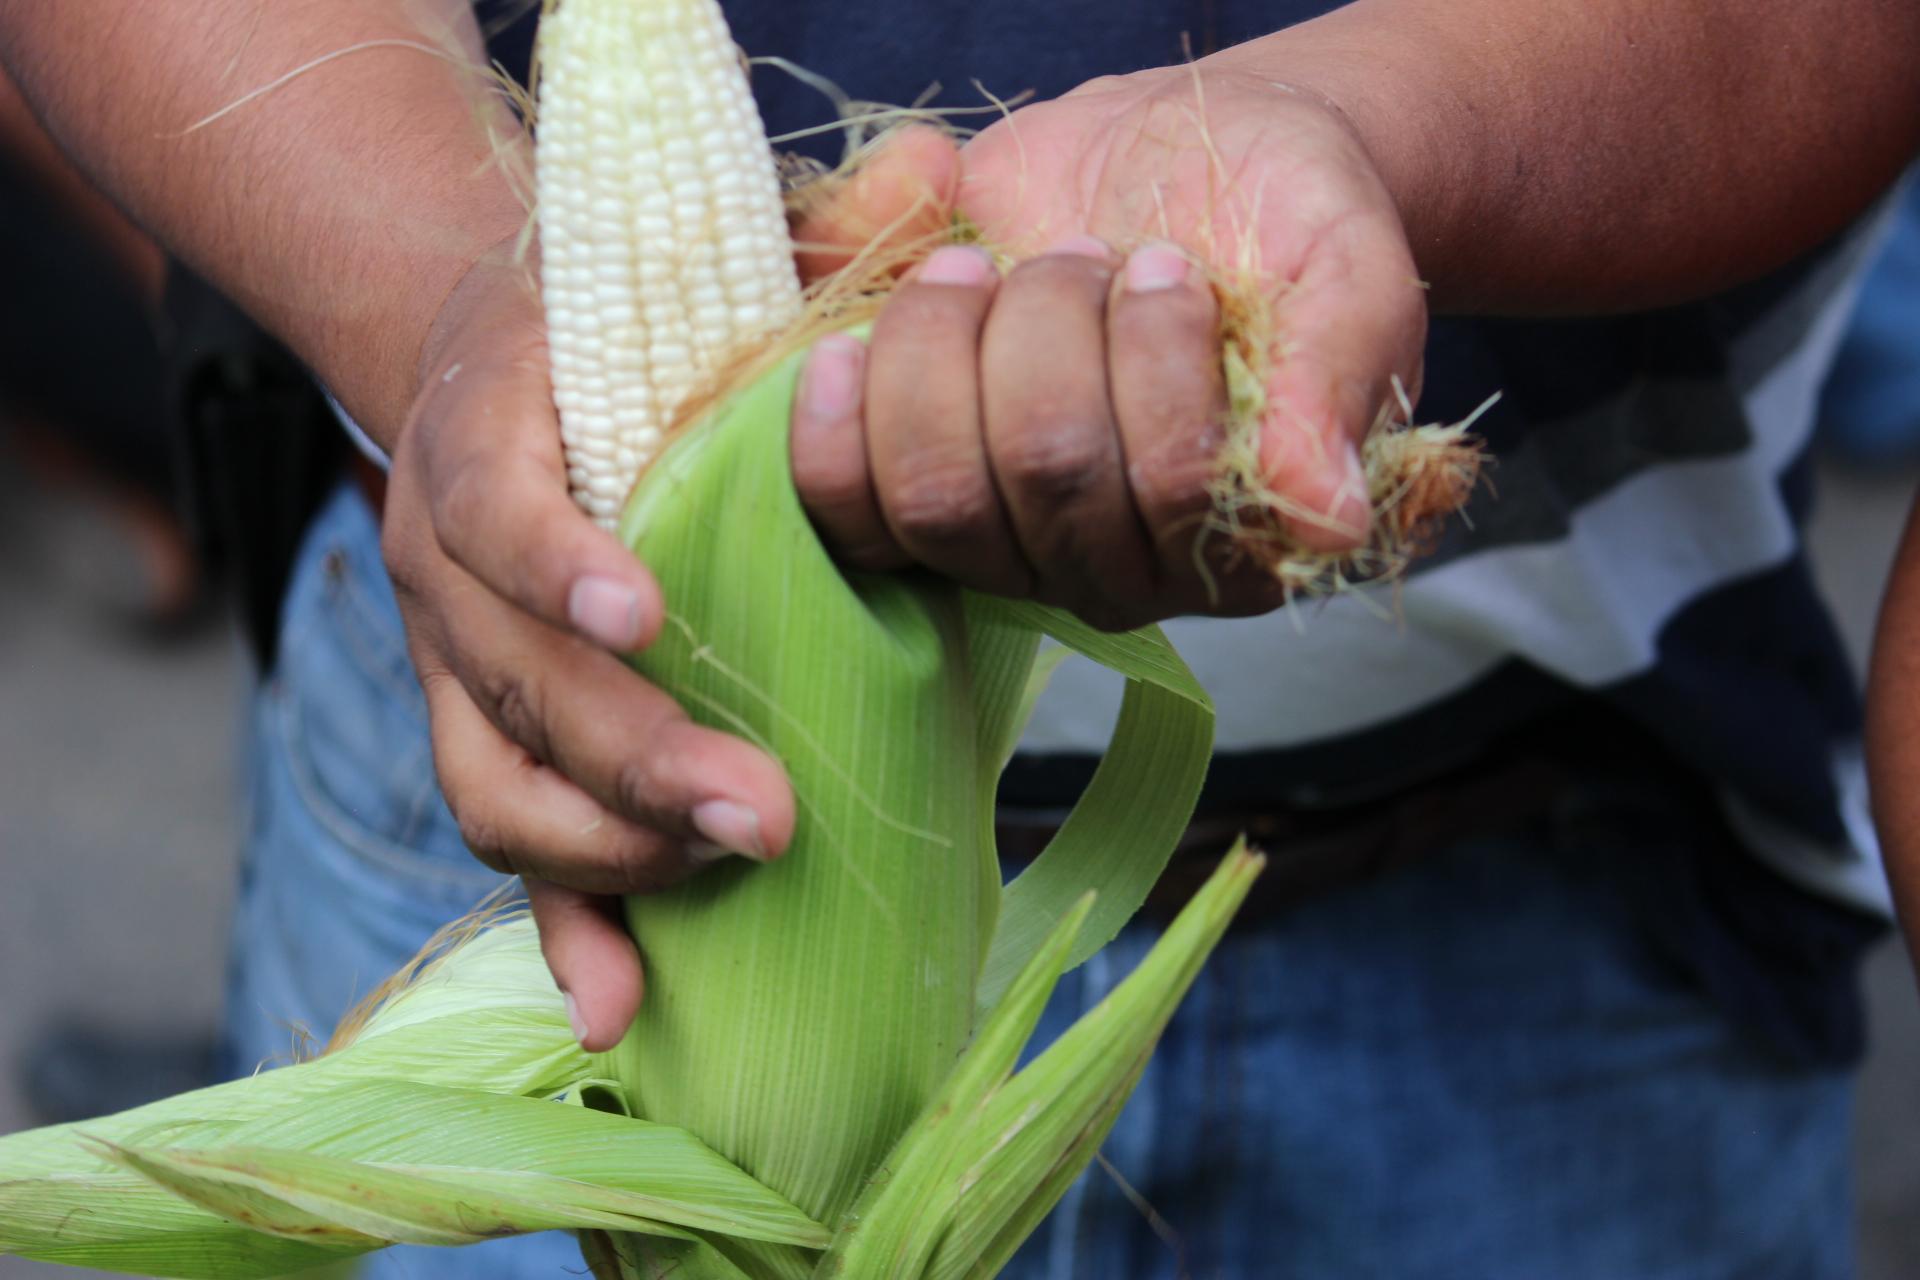 Va T-MEC y Ley De Variedades Vegetales por privatización de semillas